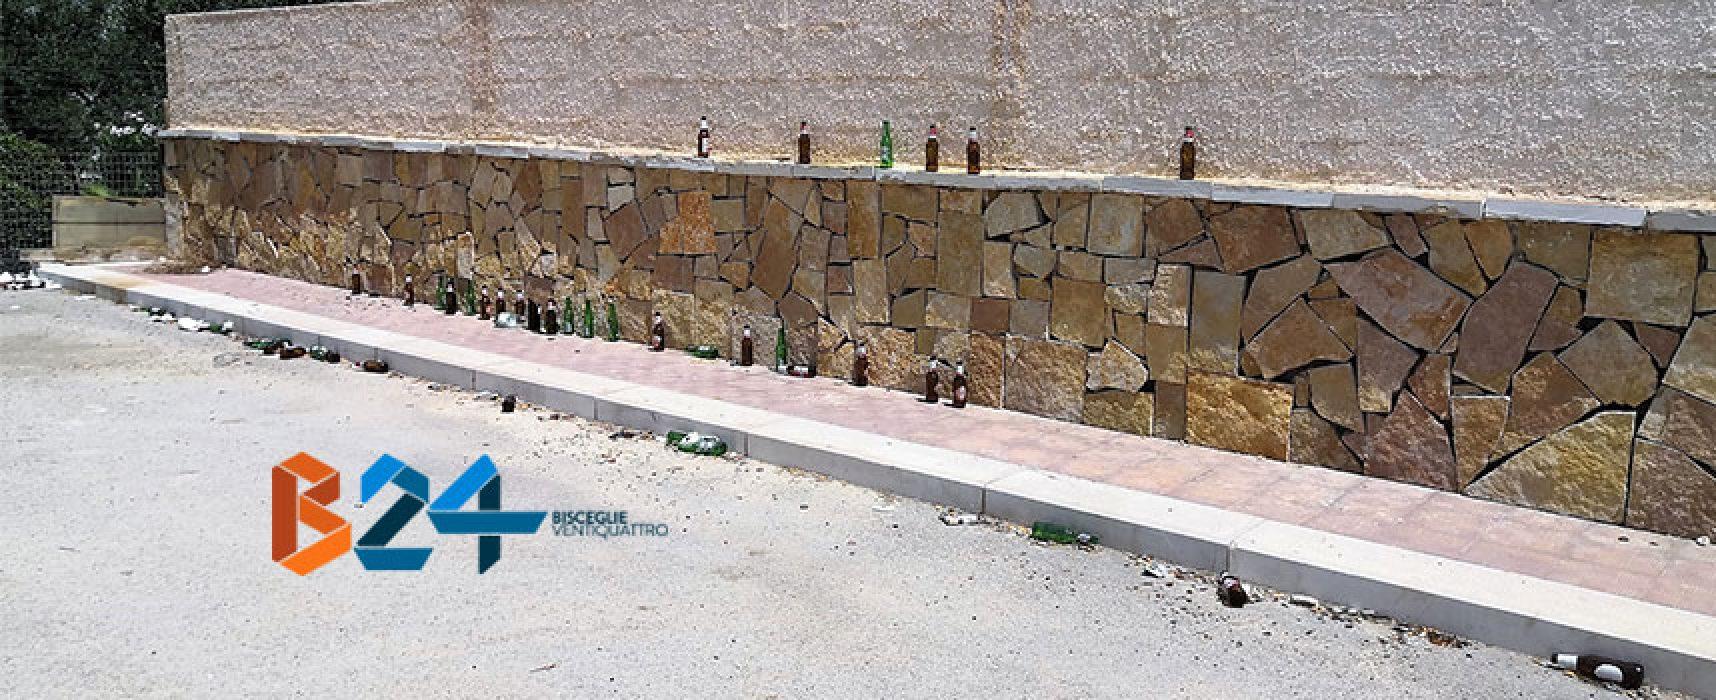 Lettore denuncia situazione di degrado in Carrara il Vuolo / FOTO